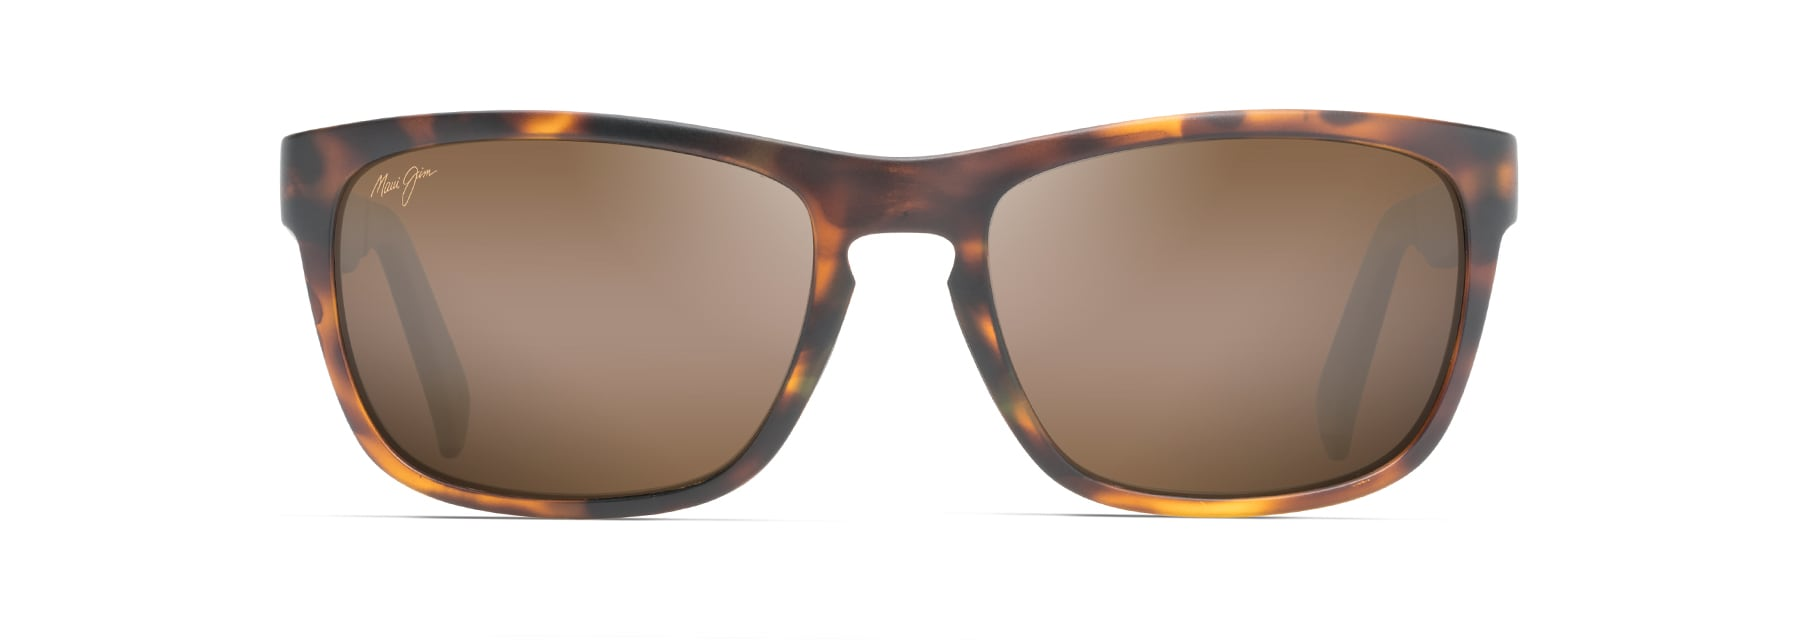 south swell polarized sunglasses maui jim®